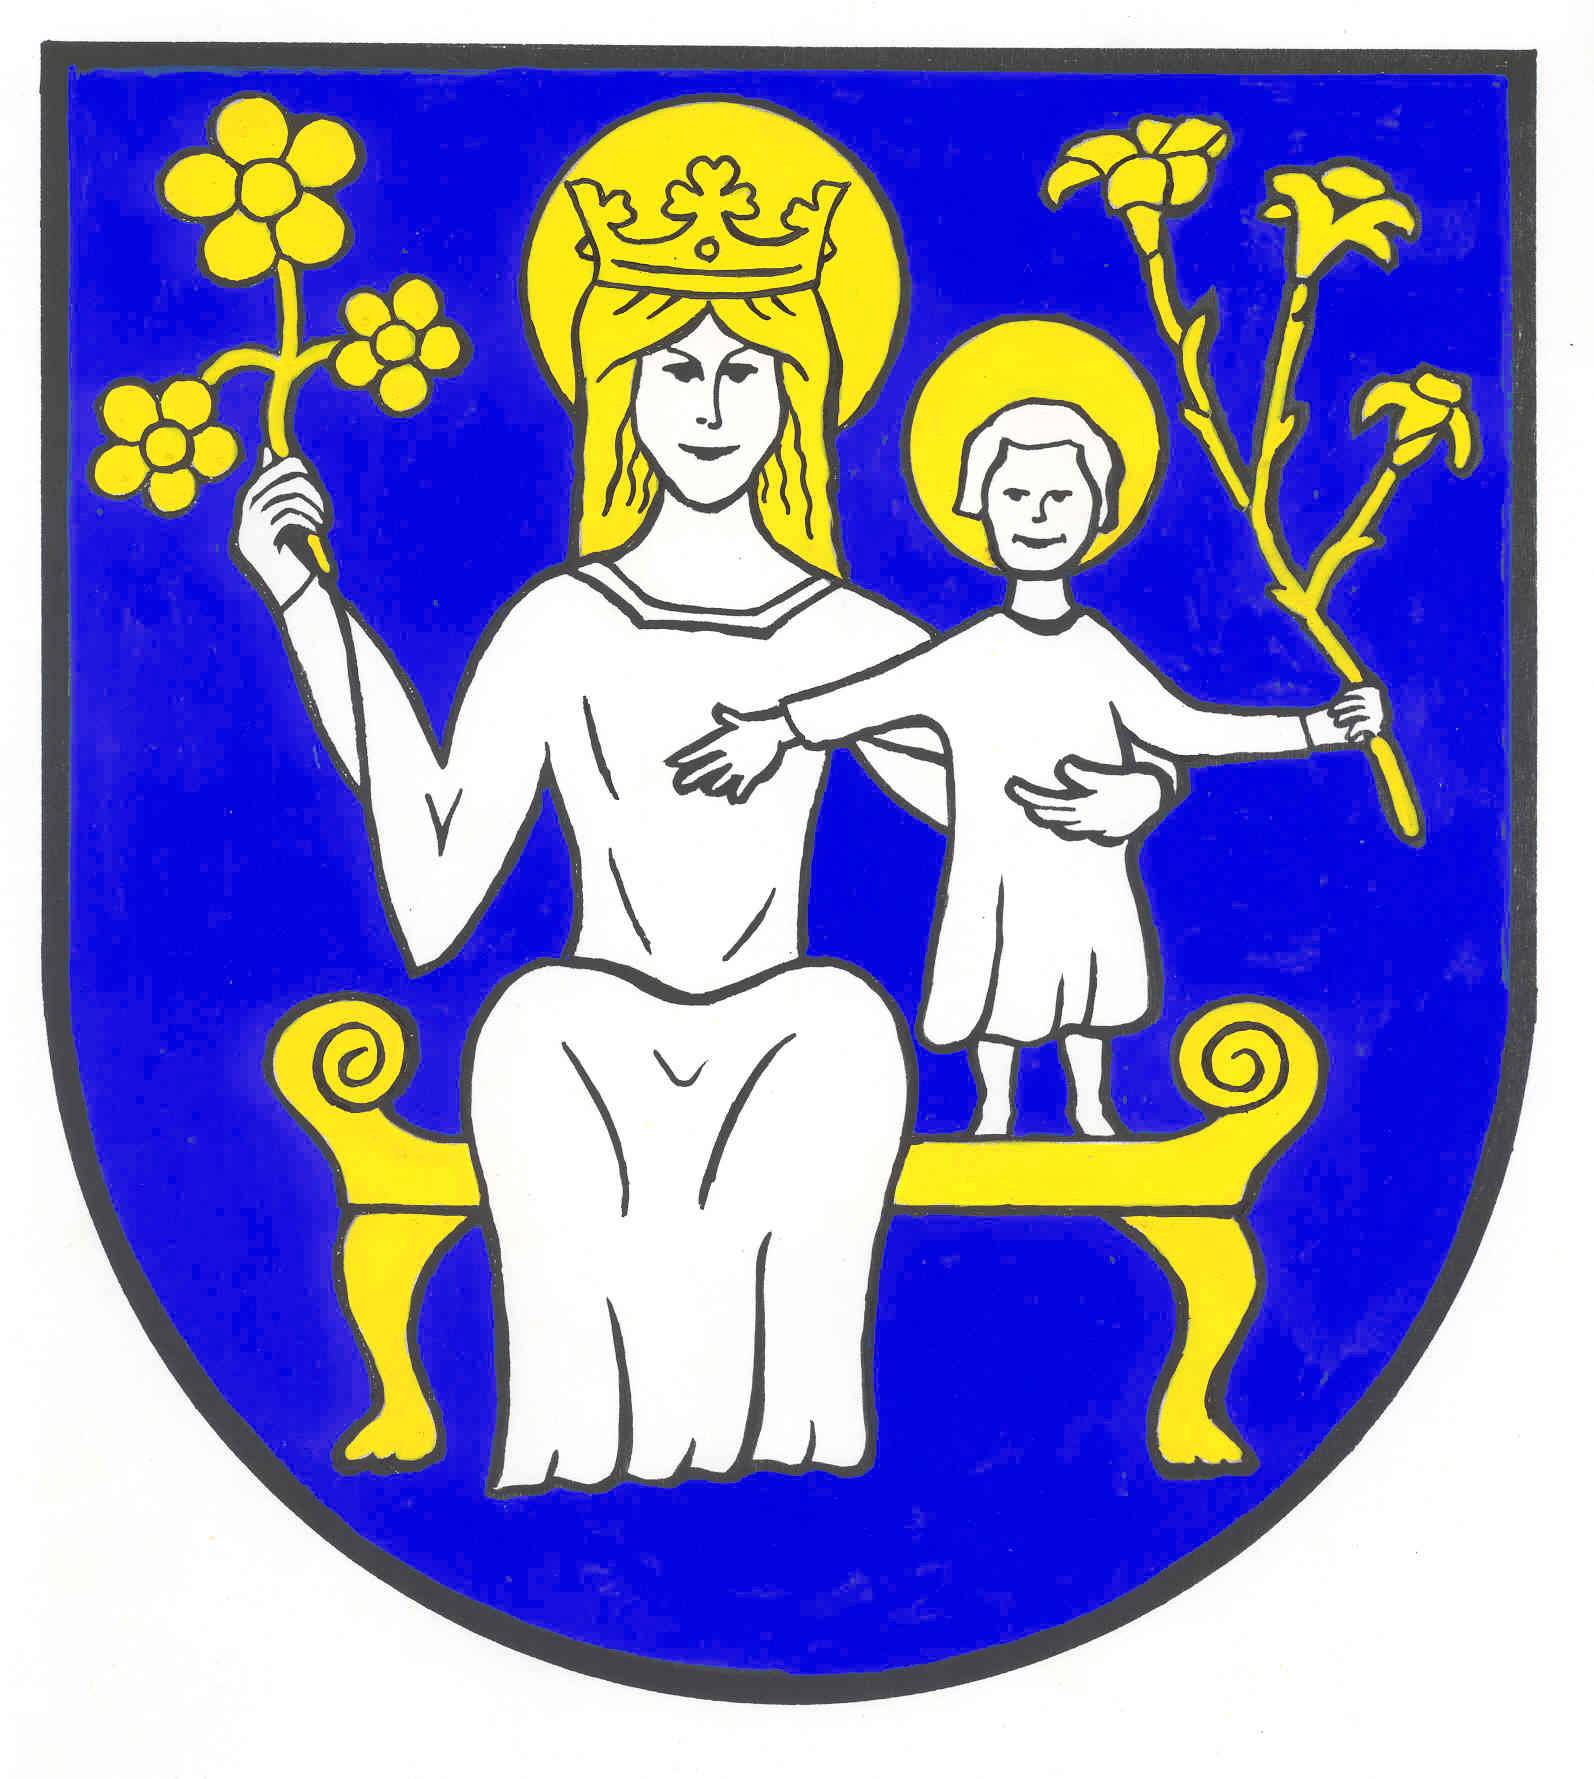 Wappen GemeindeHemme, Kreis Dithmarschen